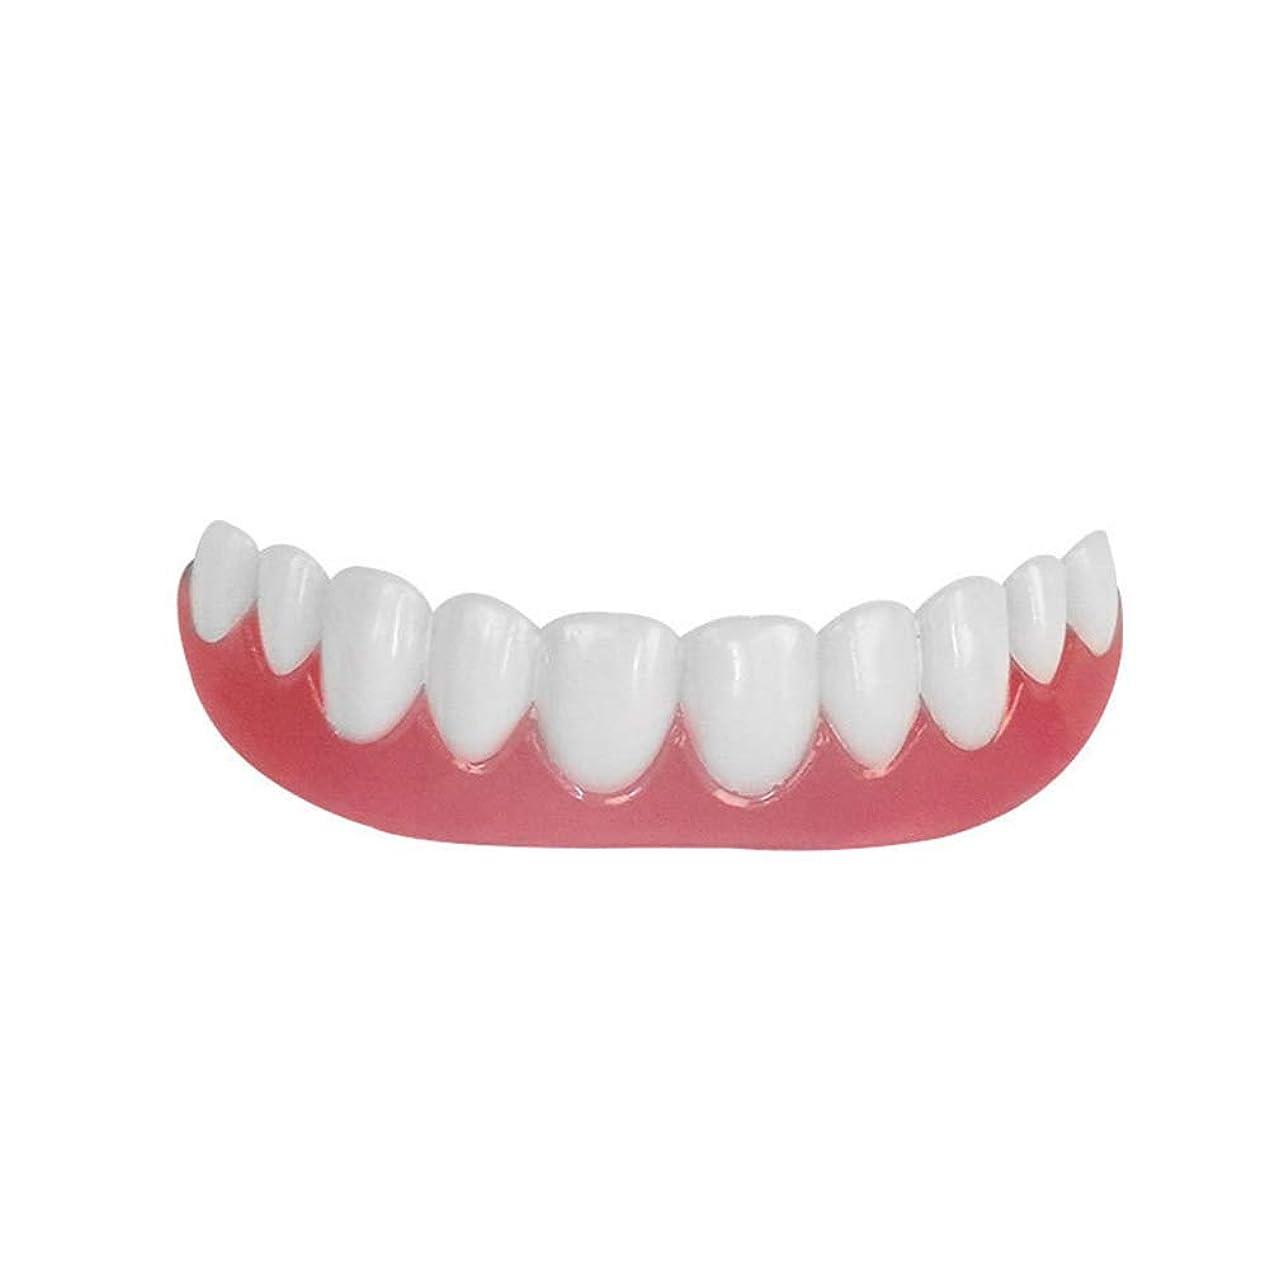 協定耳異議シリコーン模擬歯上歯、歯科用ステッカーのホワイトニング、歯のホワイトニングセット(1pcs),A